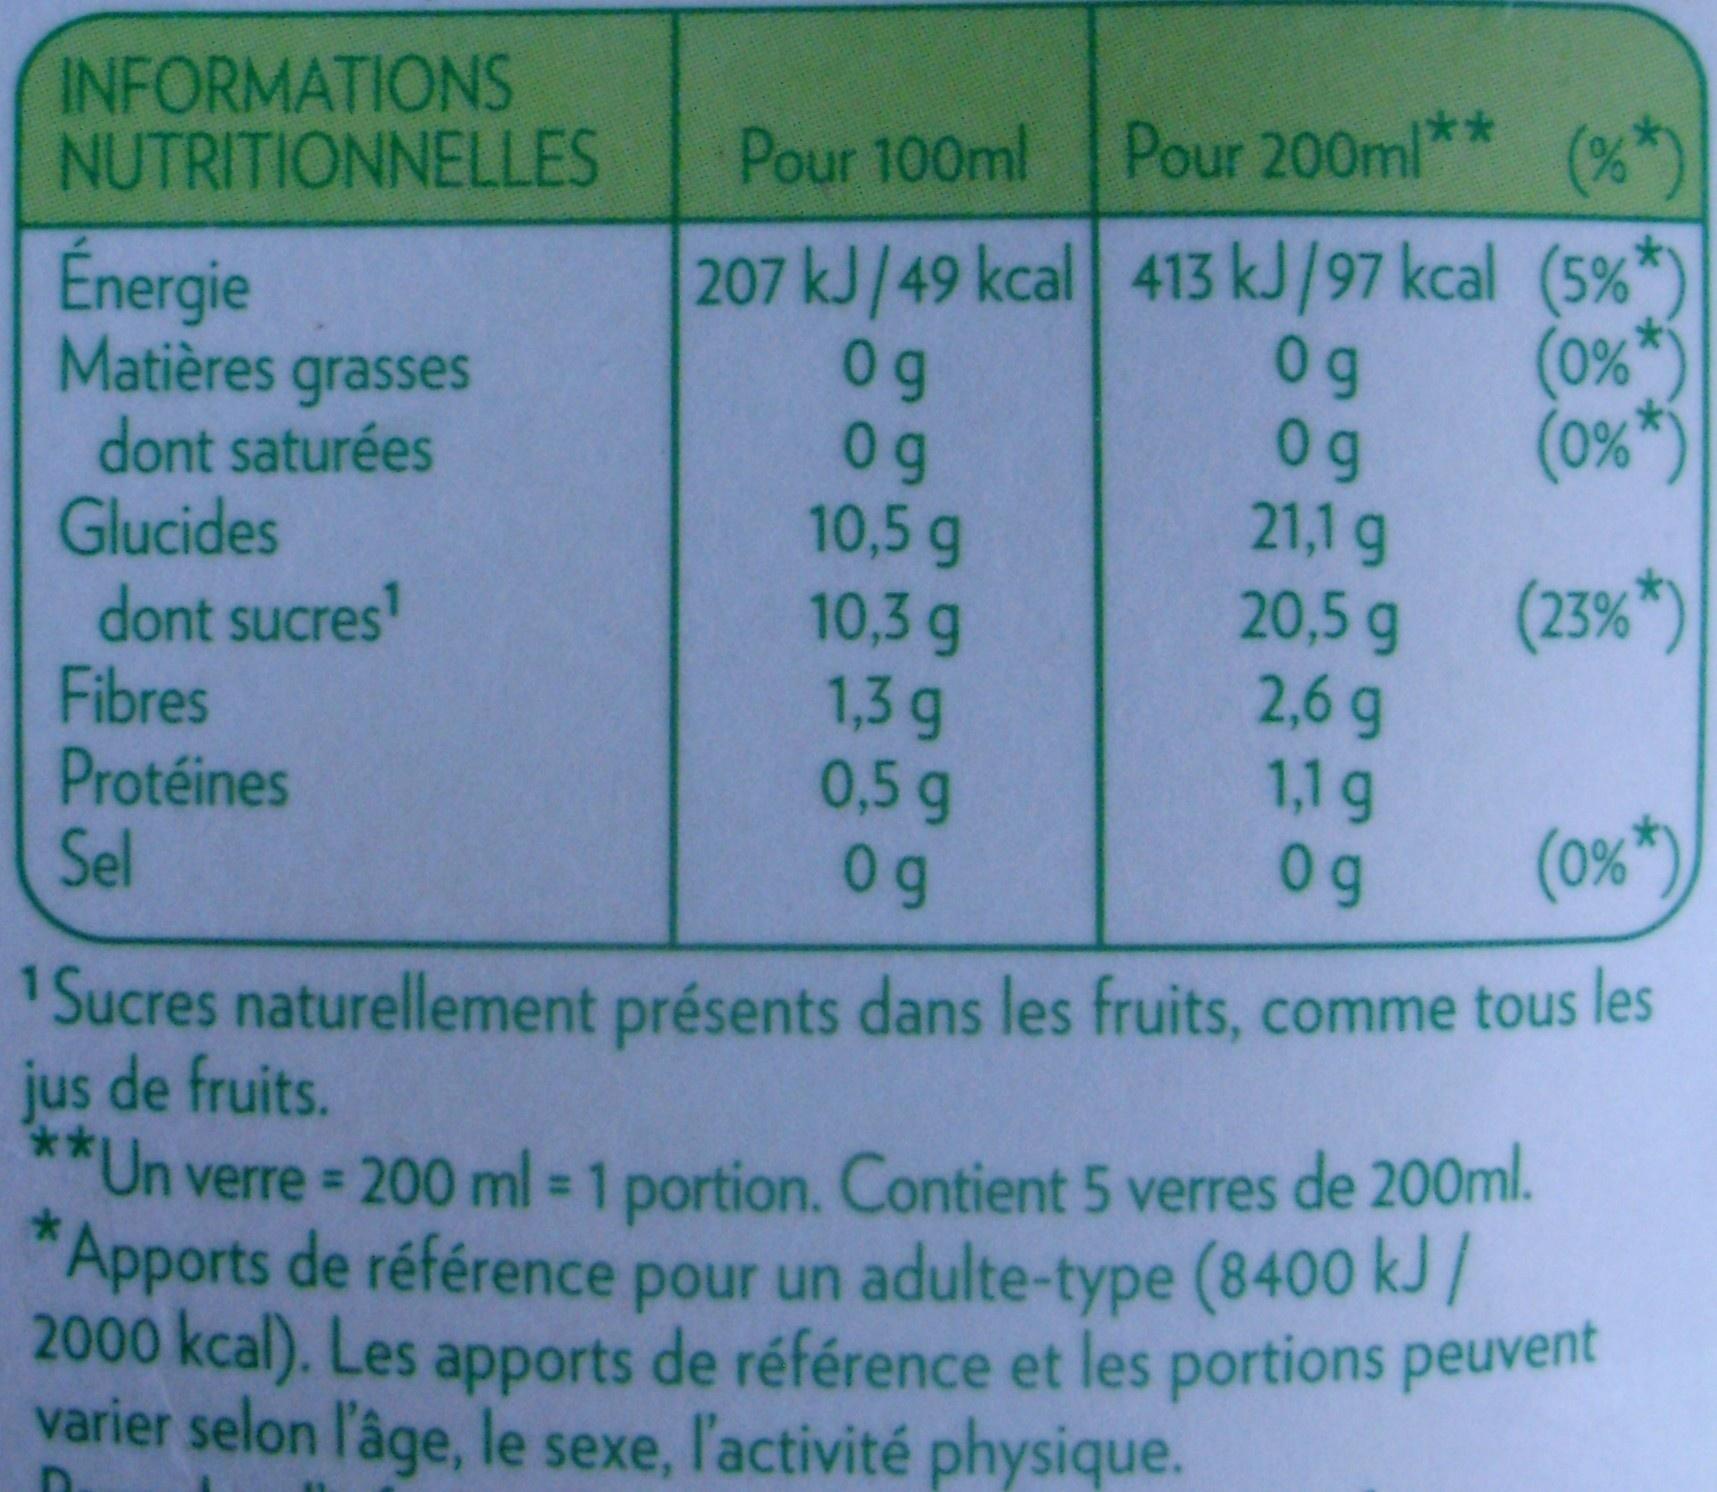 Créations Originales, Pure Premium Orange Fraise - Nutrition facts - fr